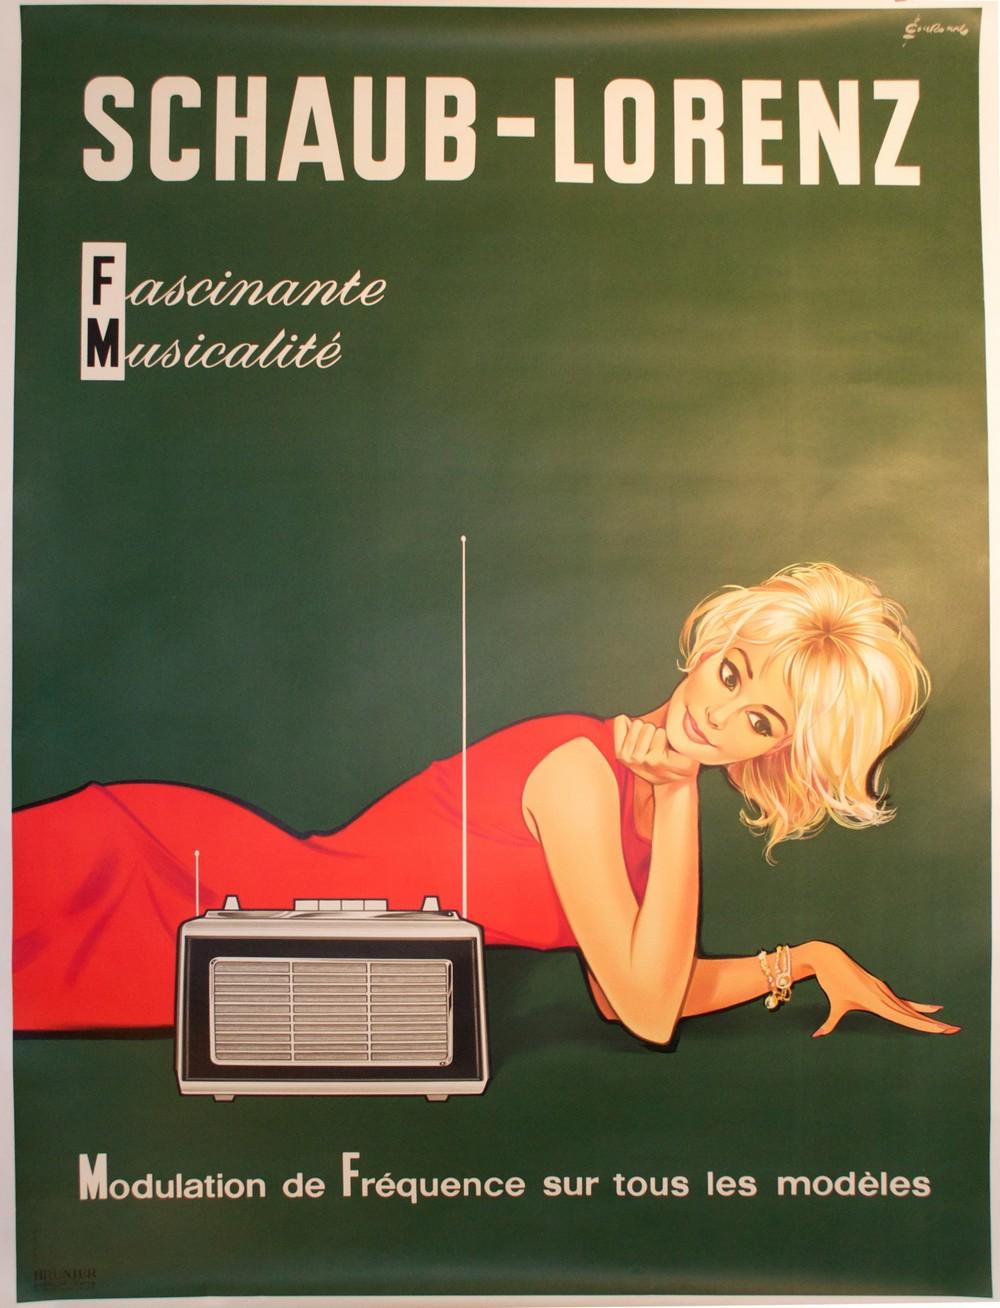 бытовая техника из Германии Schaub Lorenz в Краснодаре - низкие цены на бытовую технику